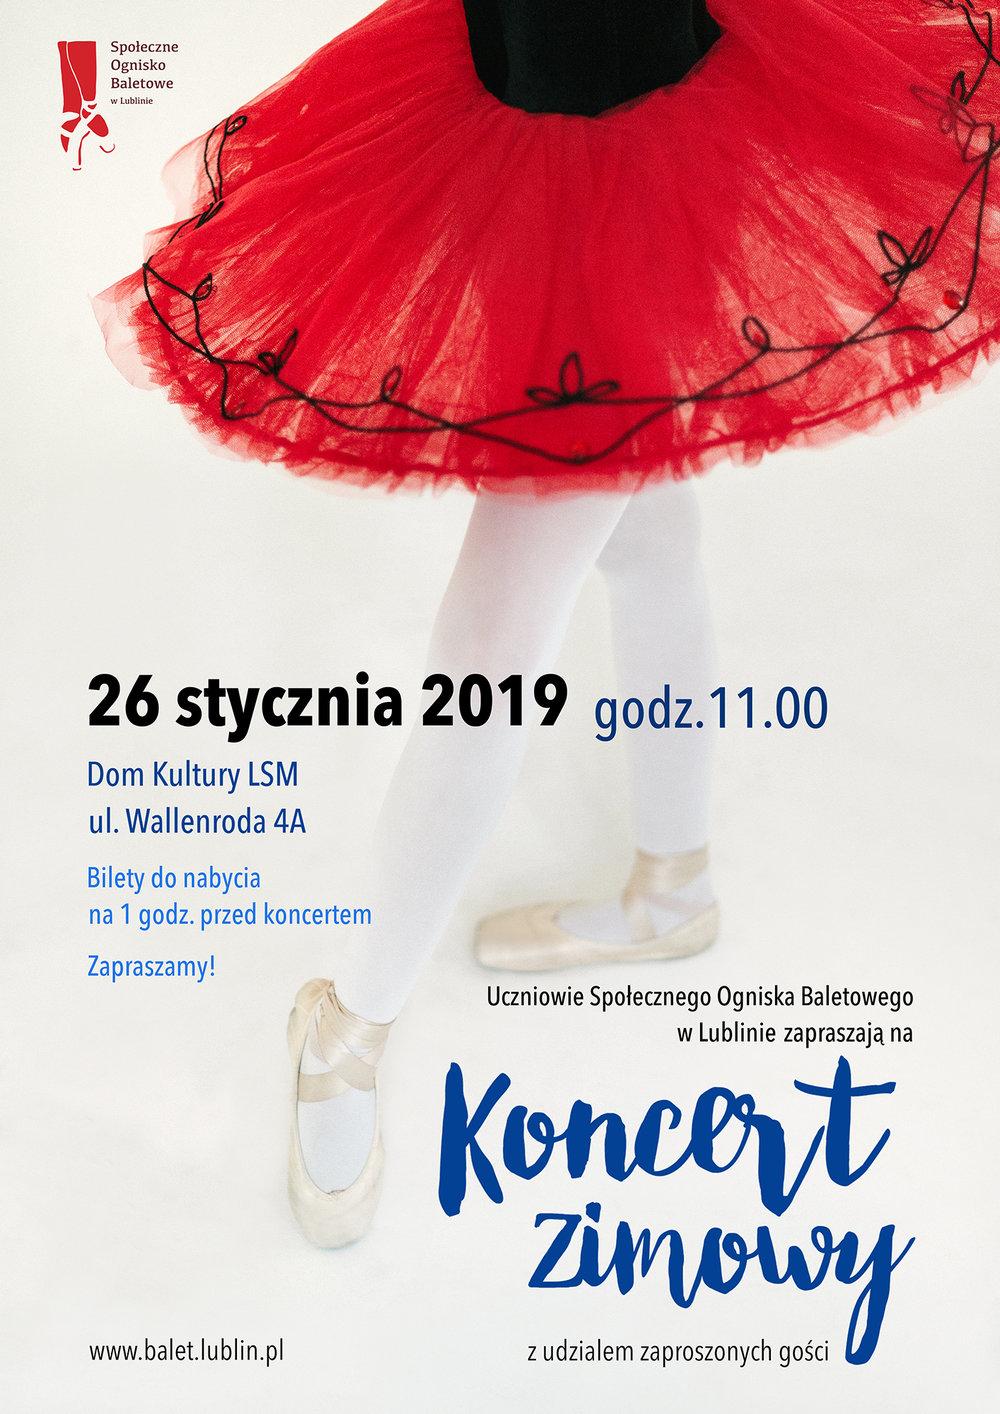 Spoleczne Ognisko w Lublinie Koncert zimowy 2019.jpg